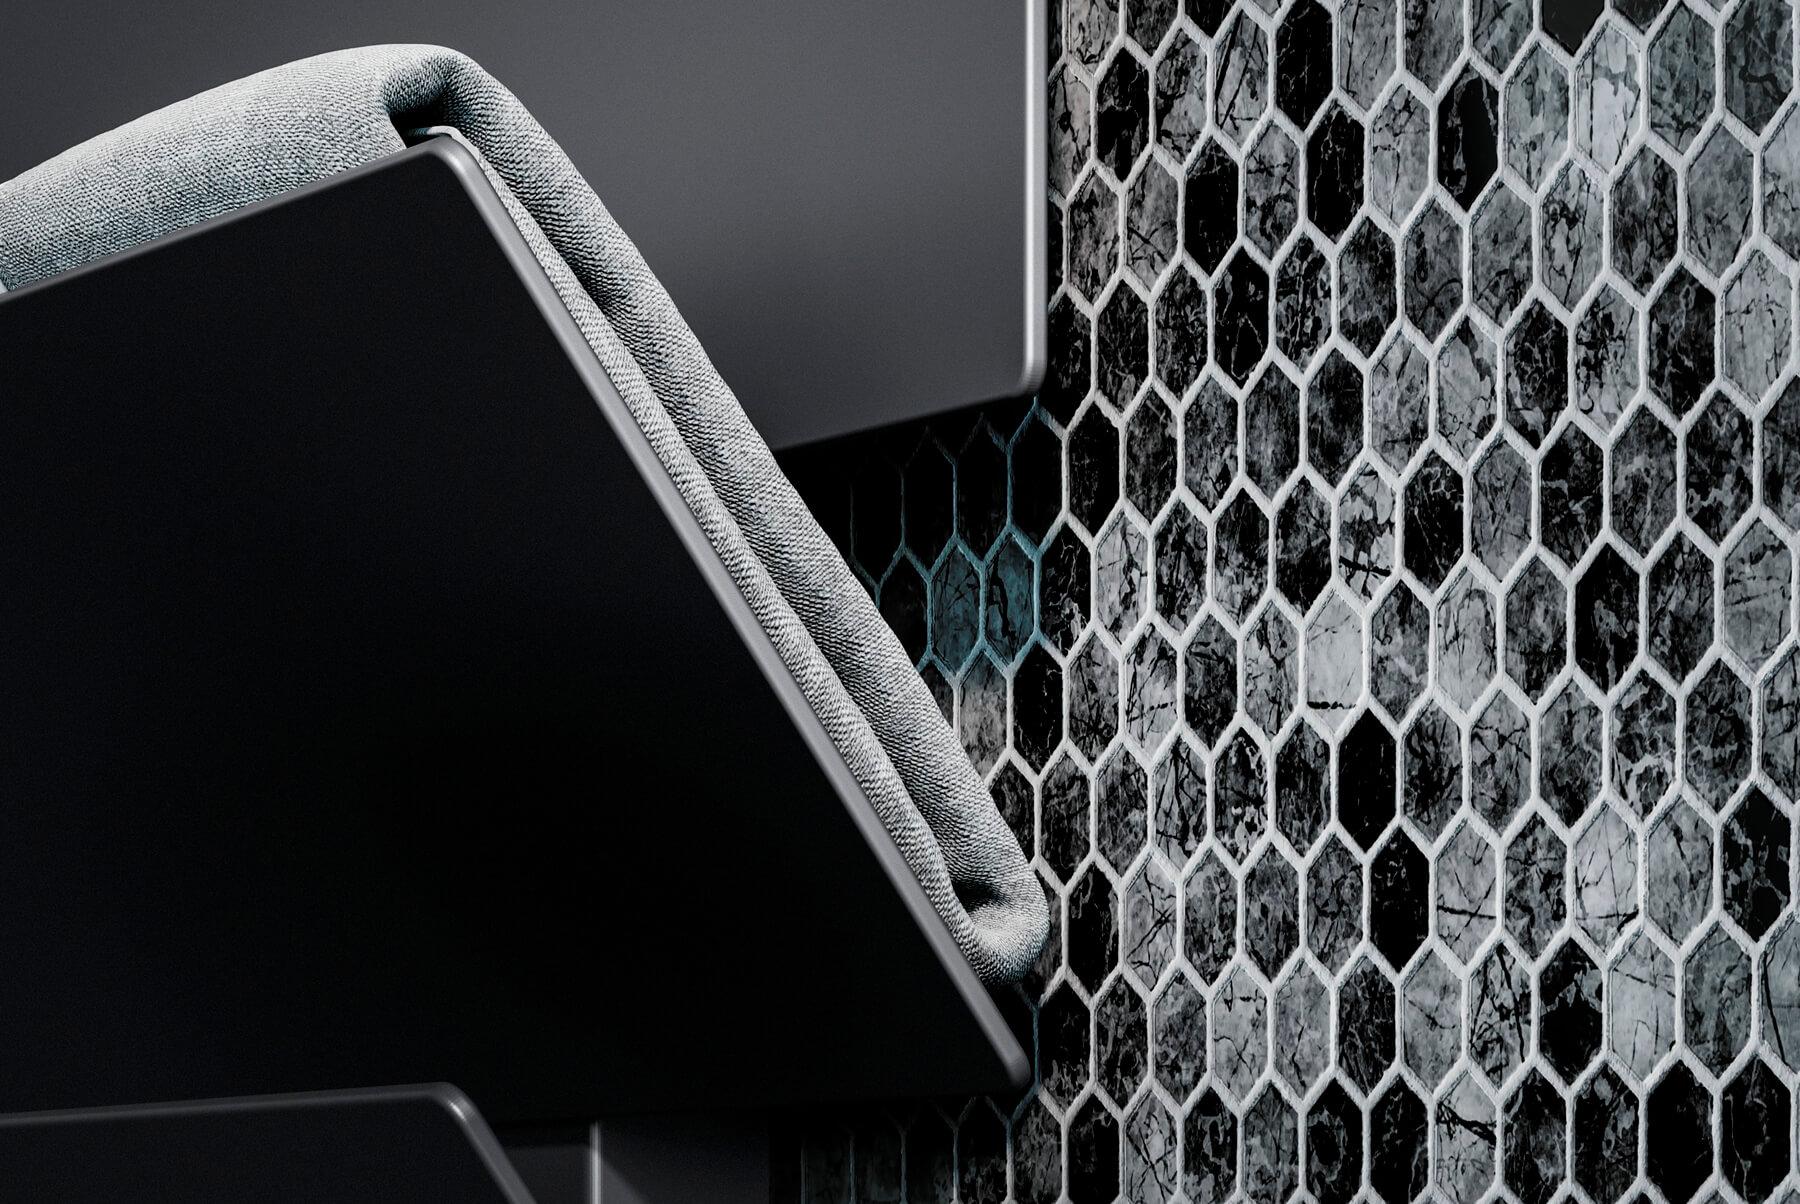 Radiators-&-Towel-Warmers-Antrax-flap-inset-5-1800x1204